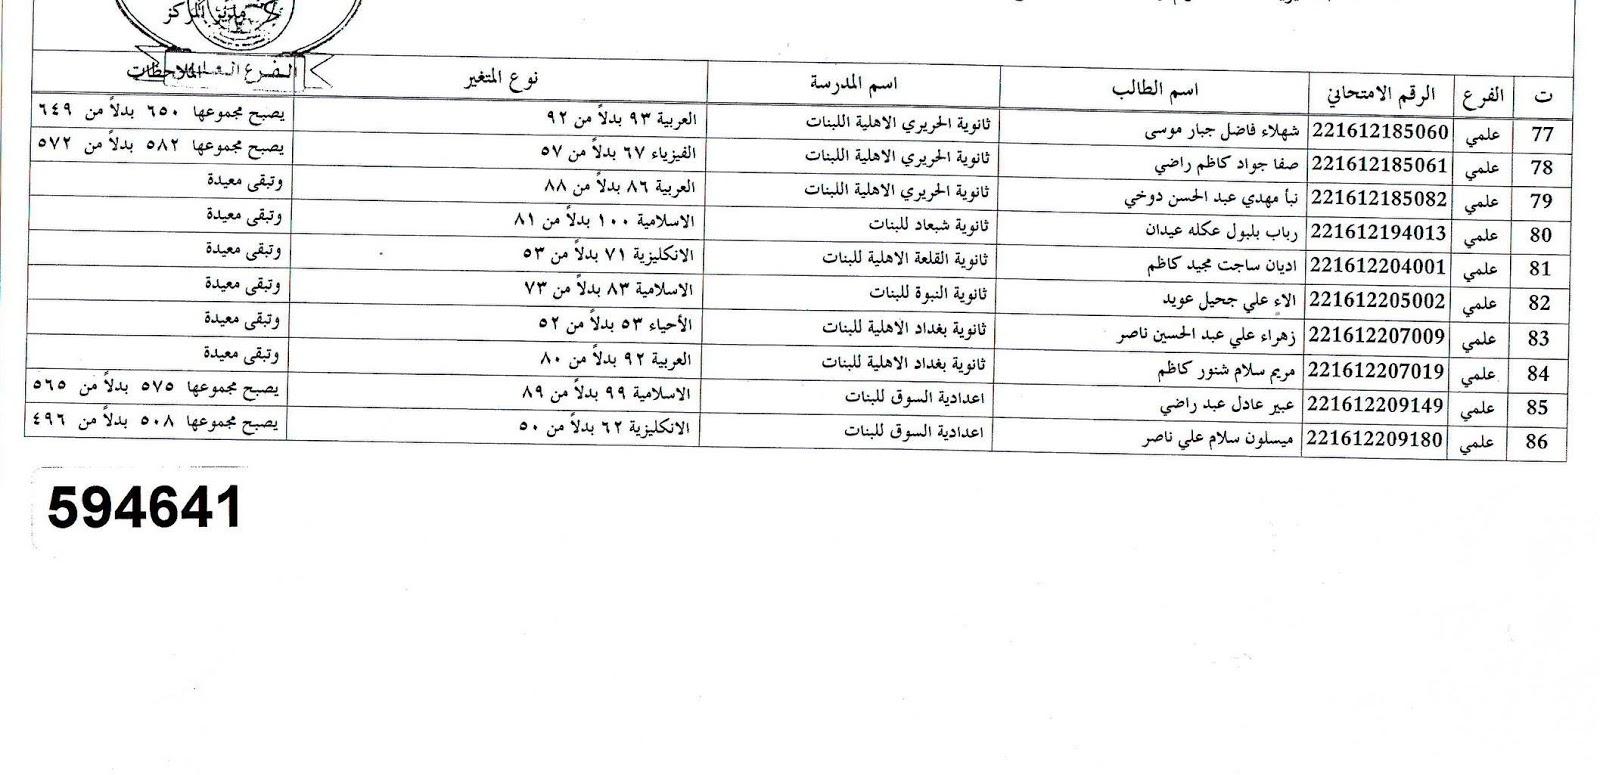 عاجل نتائج اعتراضات السادس الاعدادي في ذي قار 2016 218